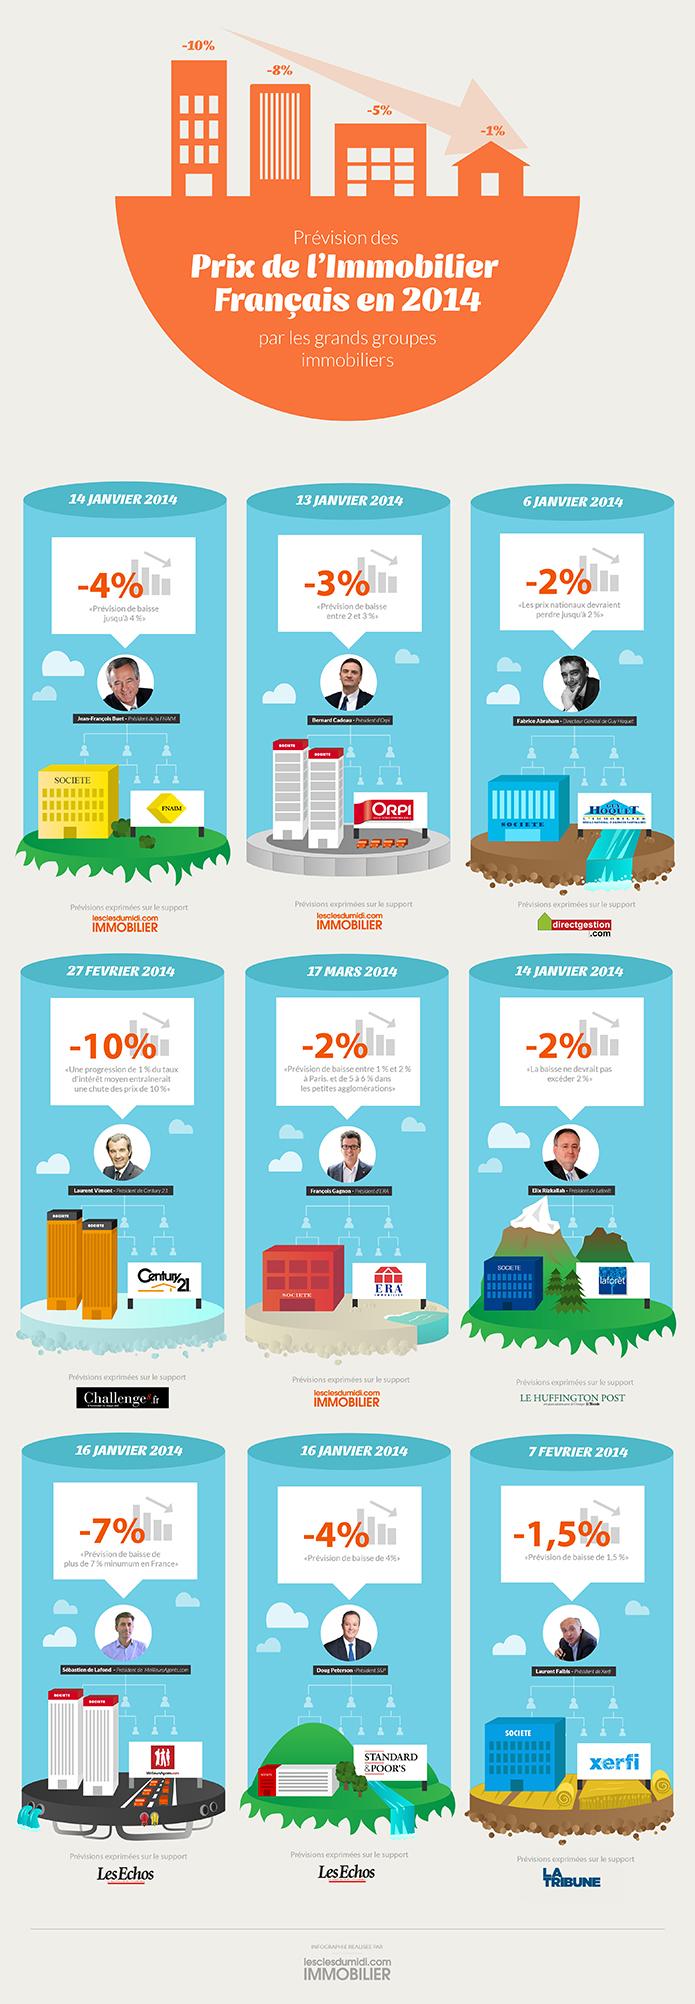 Infographie : Toutes les prévisions 2014 des grands groupes immobiliers français